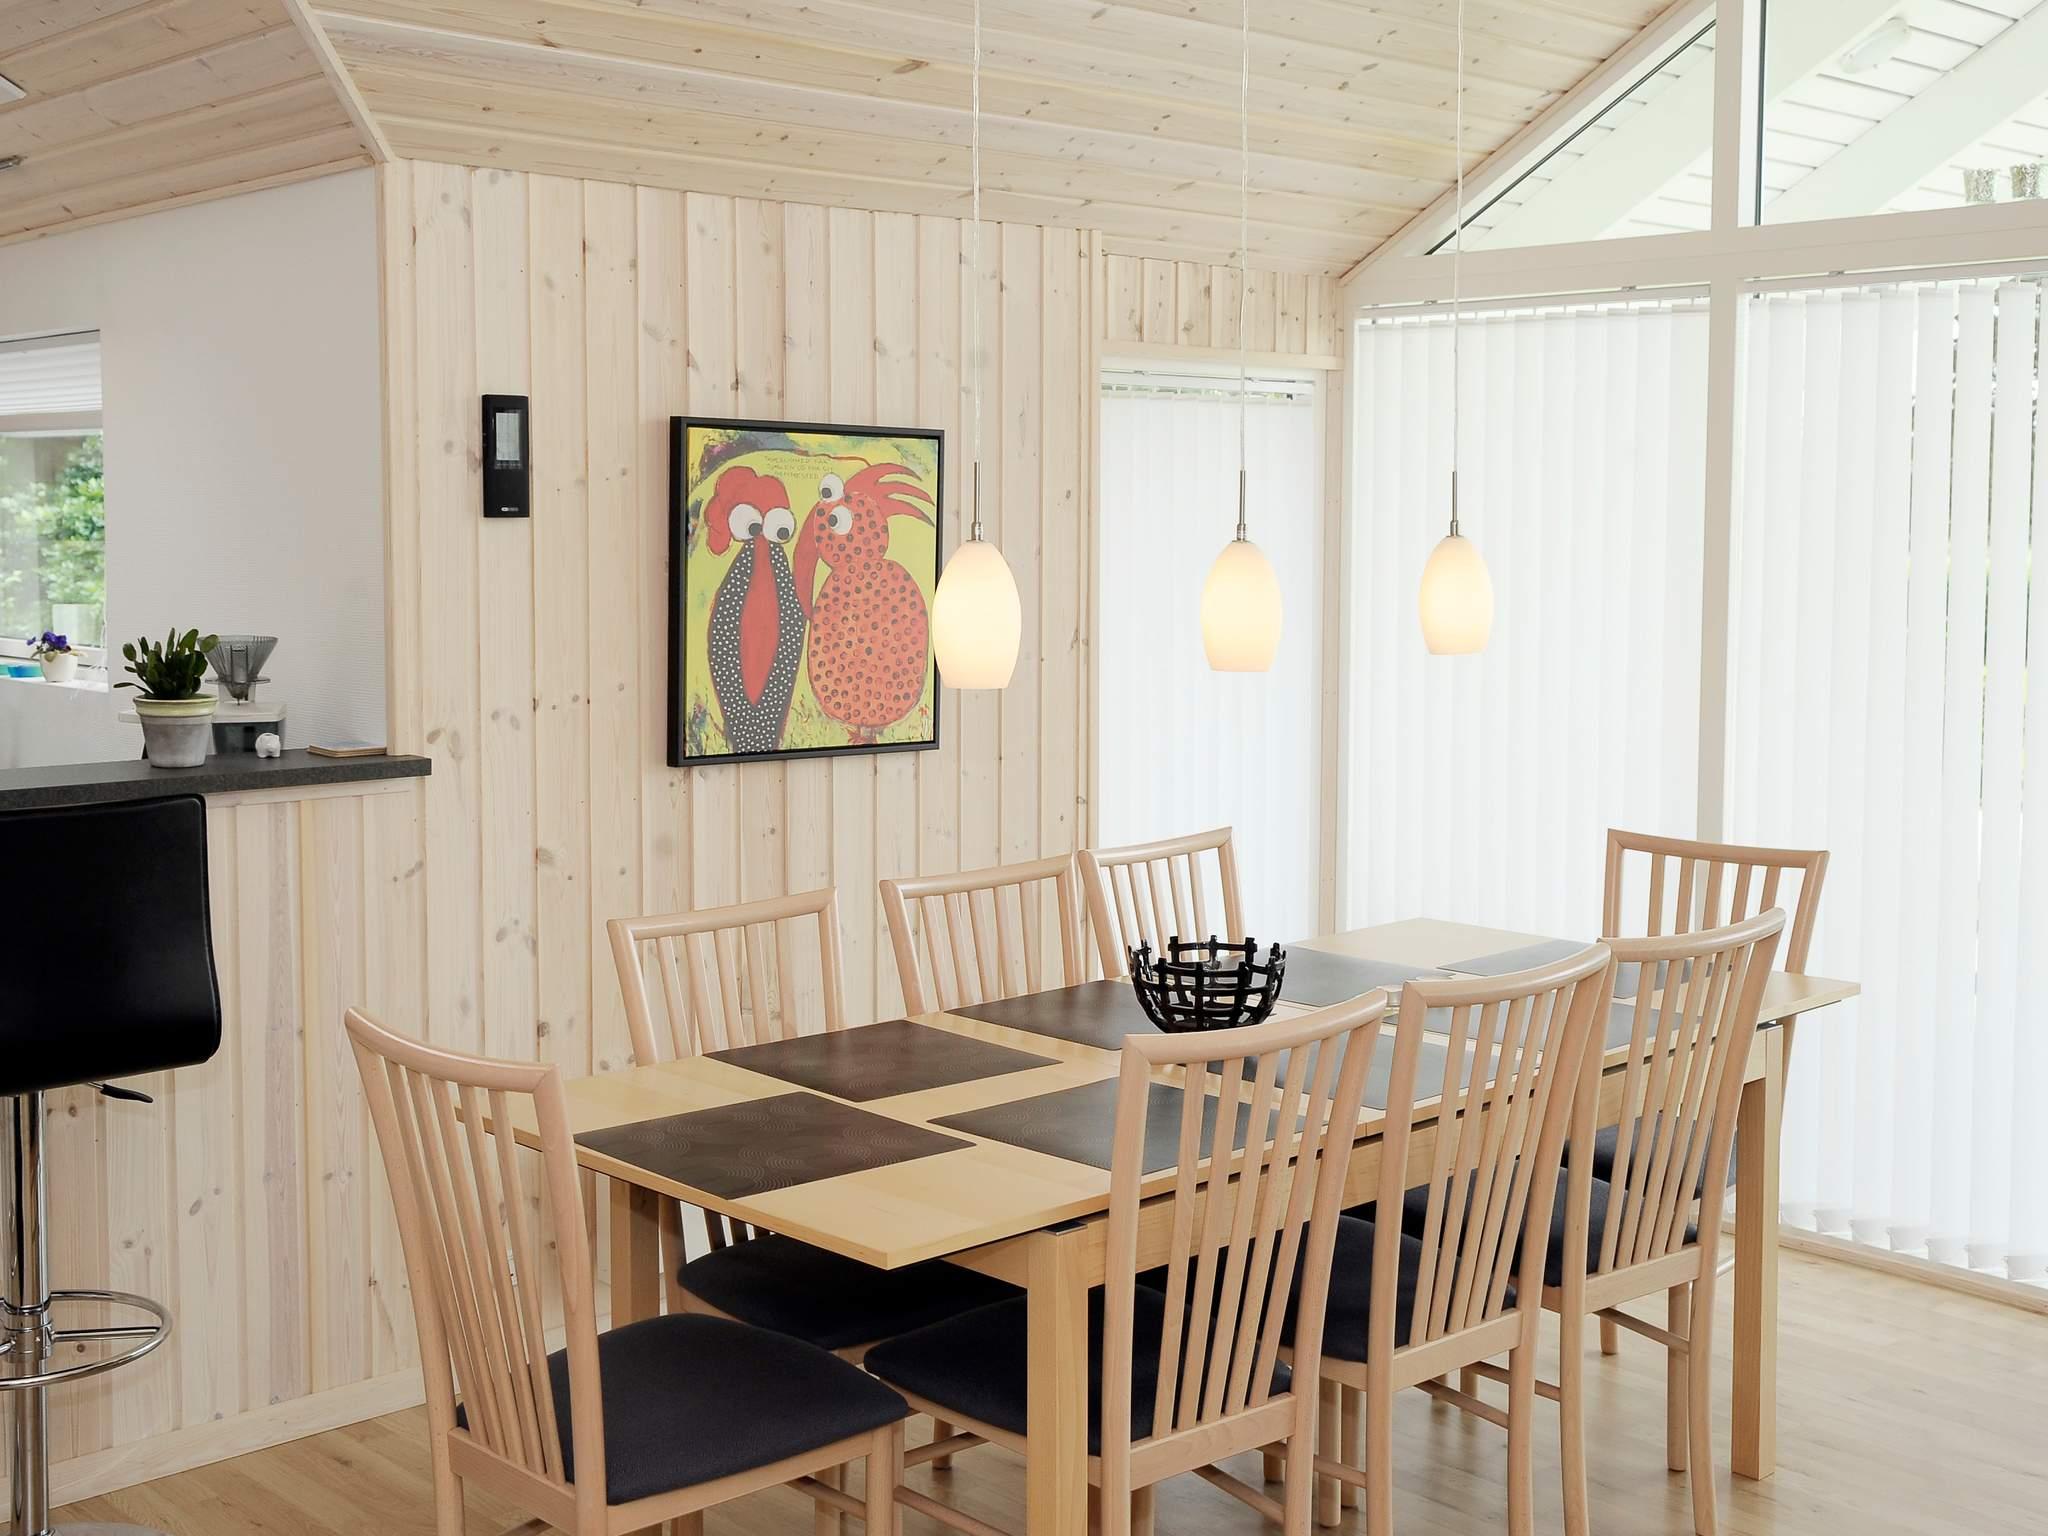 Ferienhaus Silkeborg (490433), Silkeborg, , Ostjütland, Dänemark, Bild 4